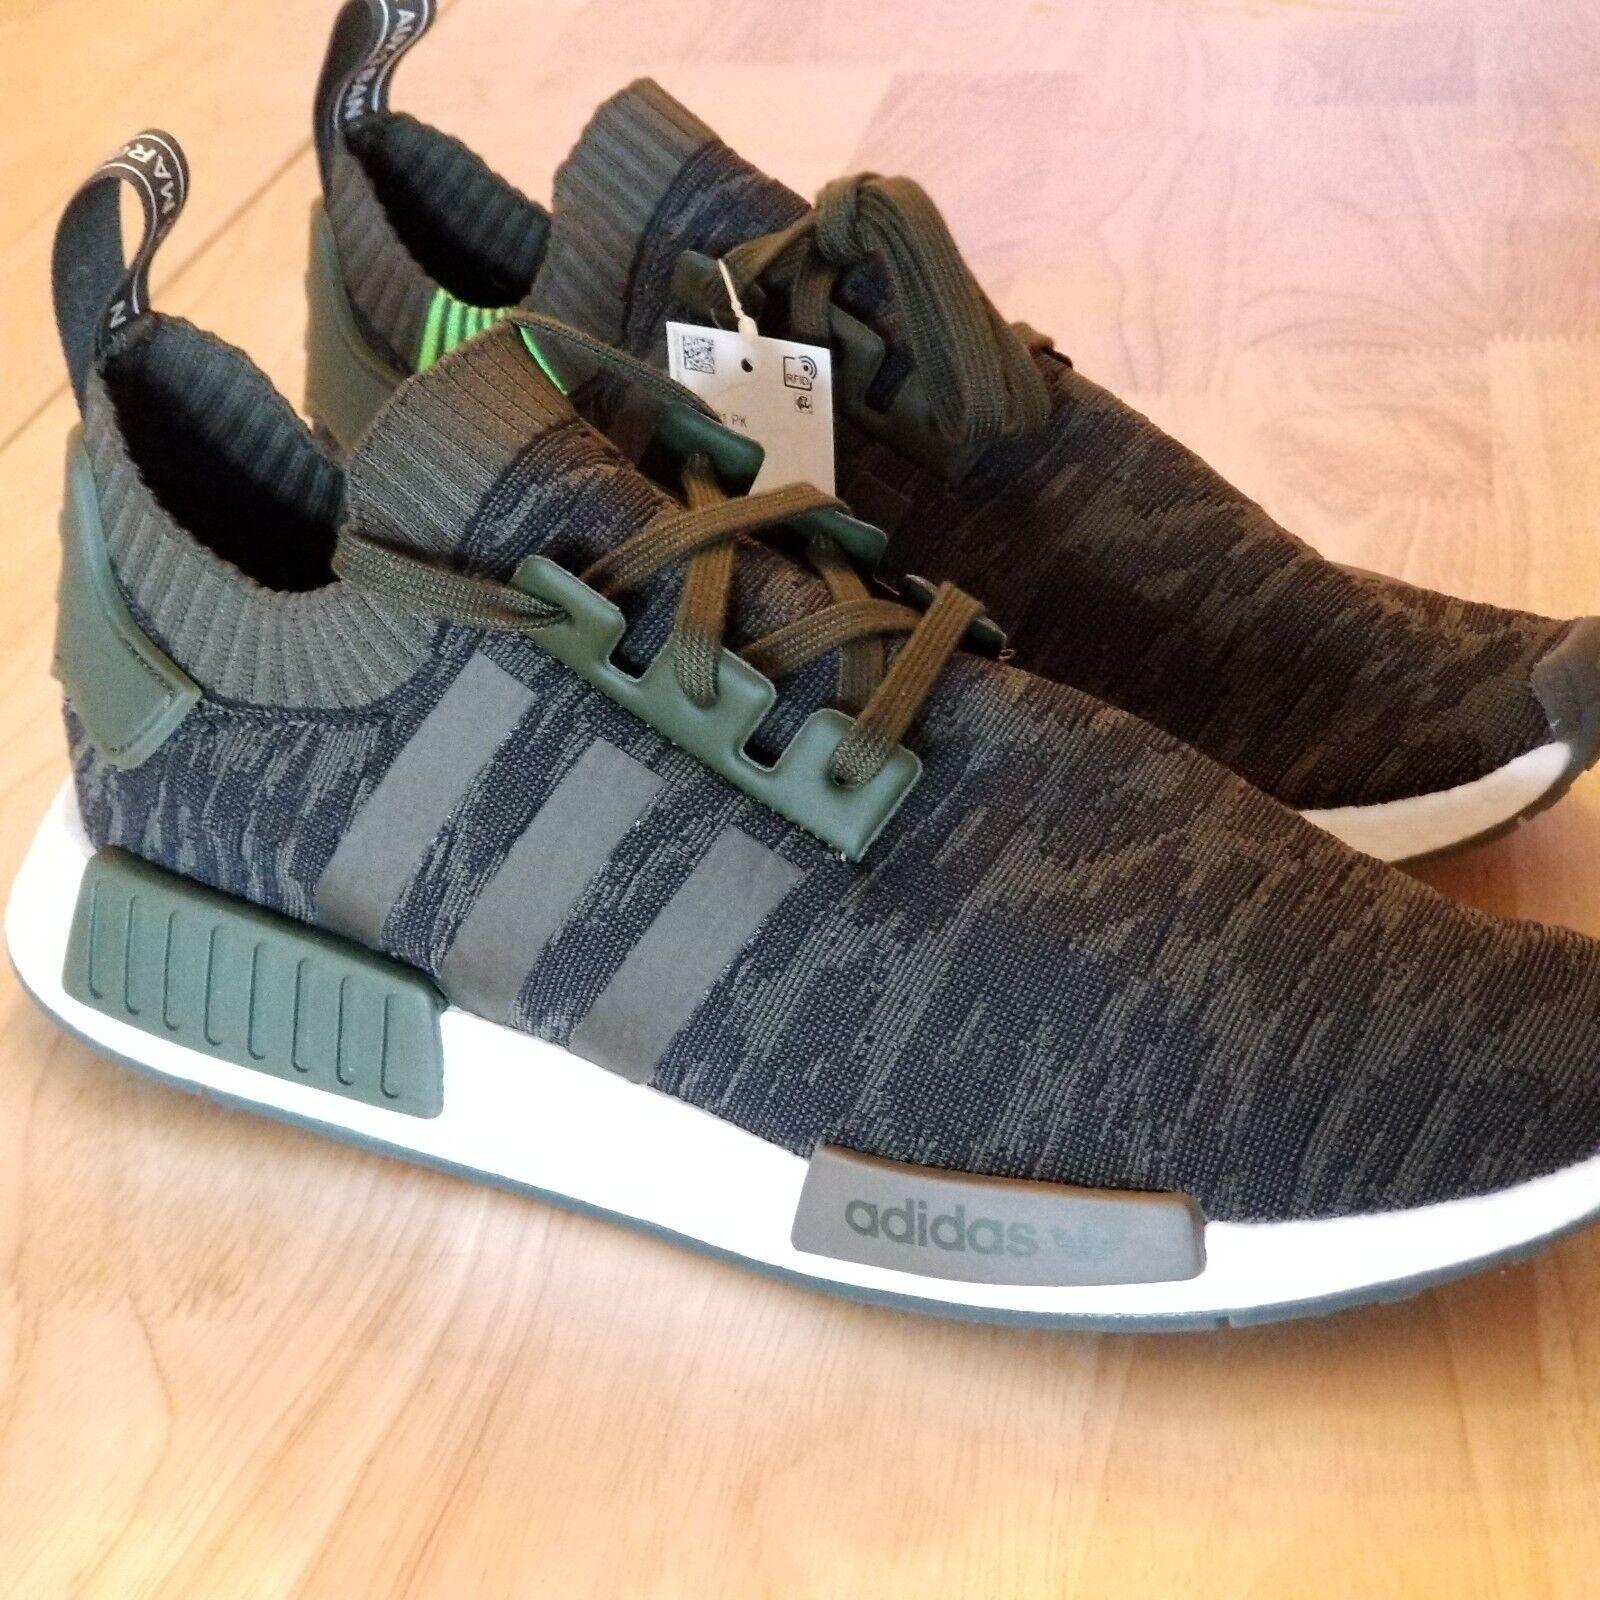 sports shoes 92250 06716 Cargo Night Cargo Primeknit R1 NMD Originals Adidas New Hi ...